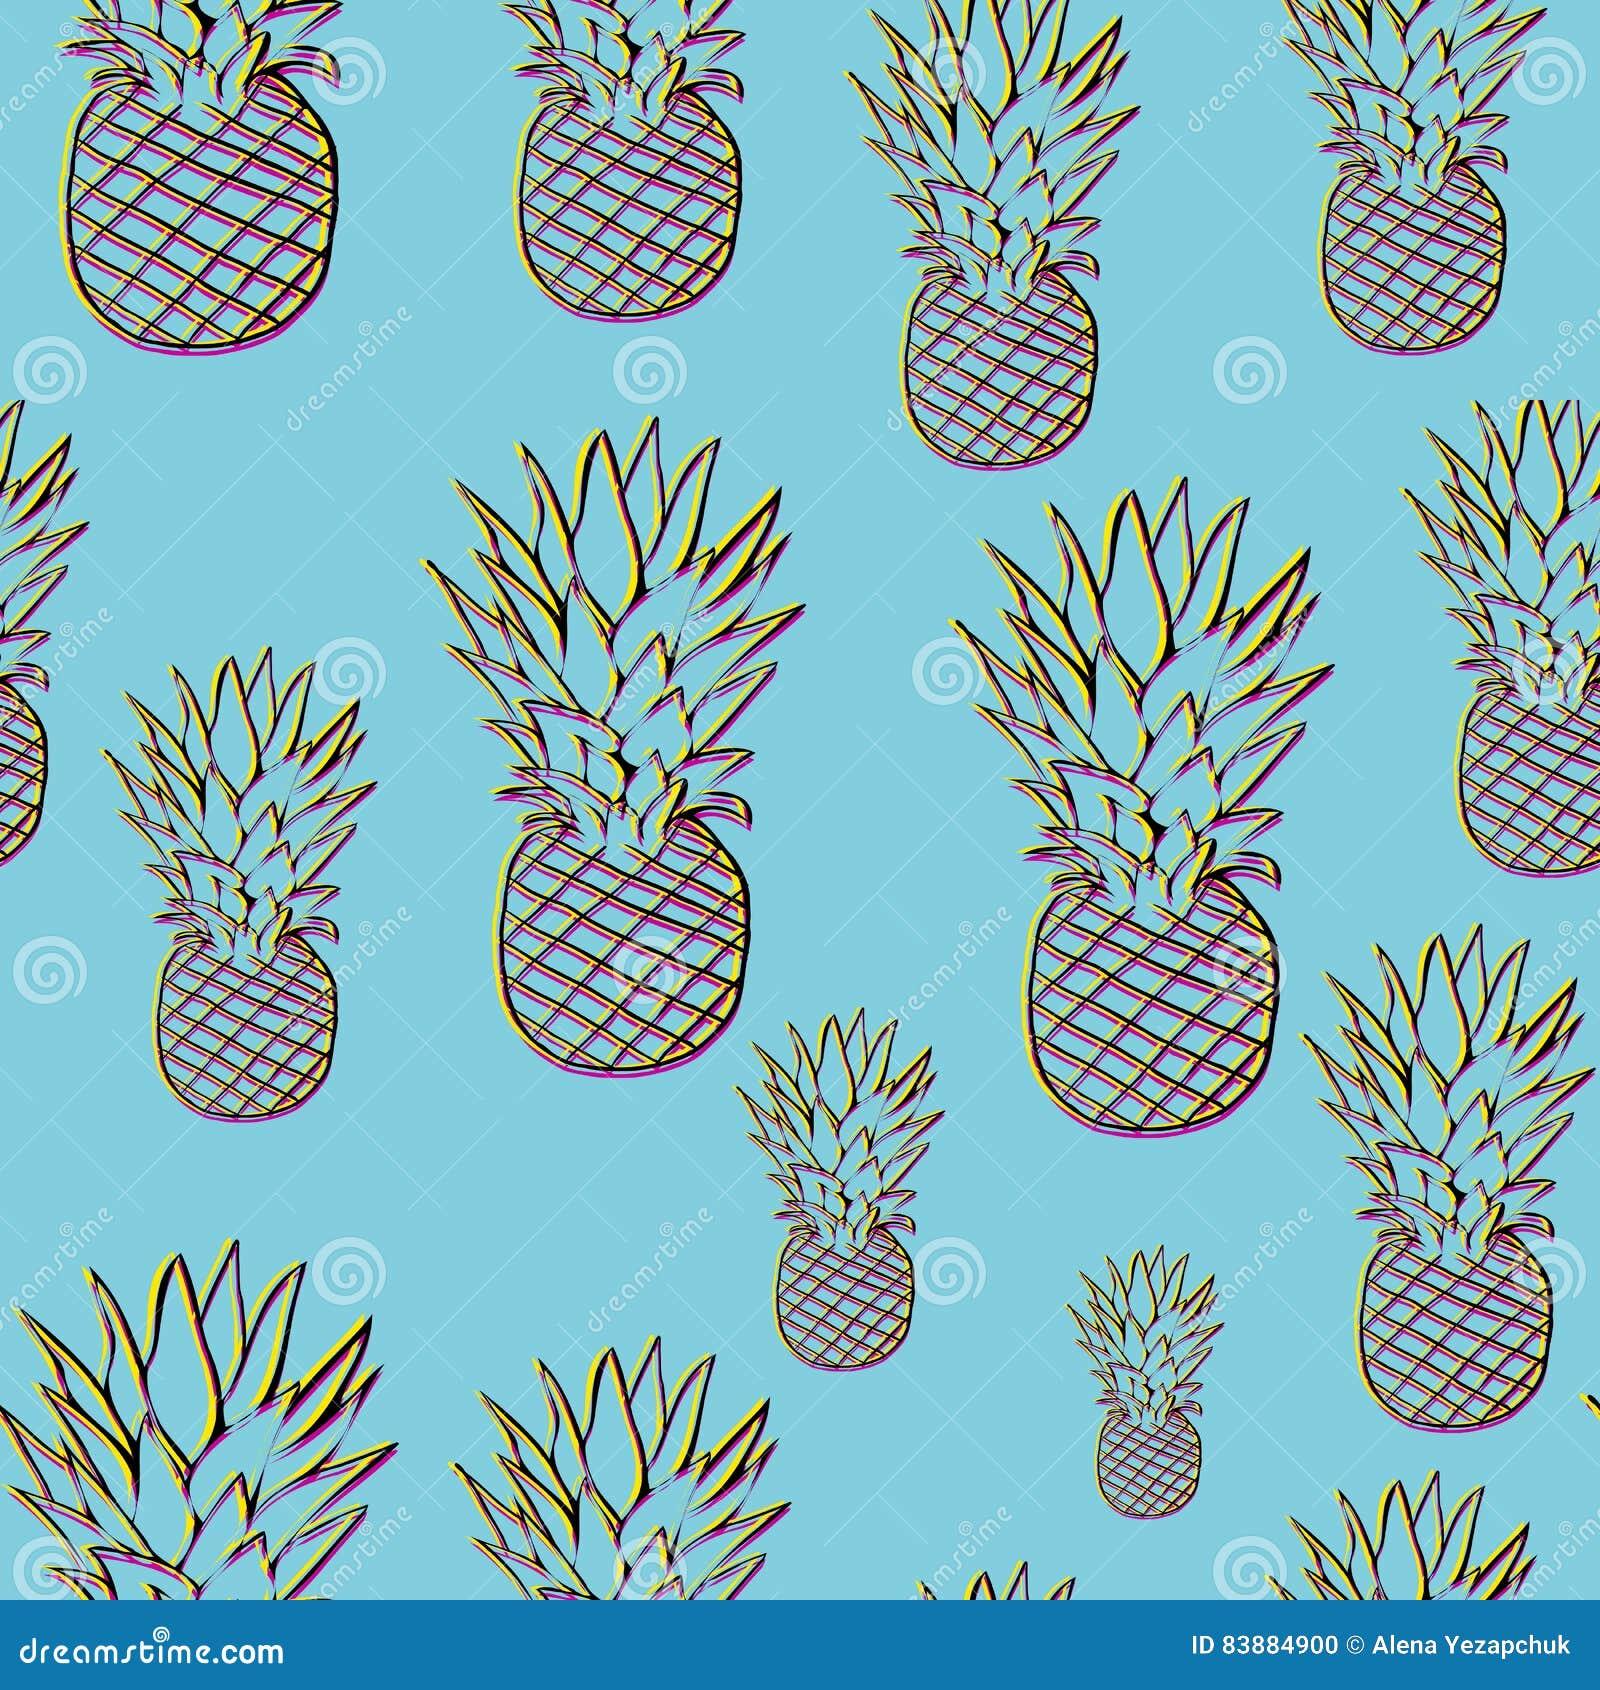 Helder ananaspatroon in 3d stijl